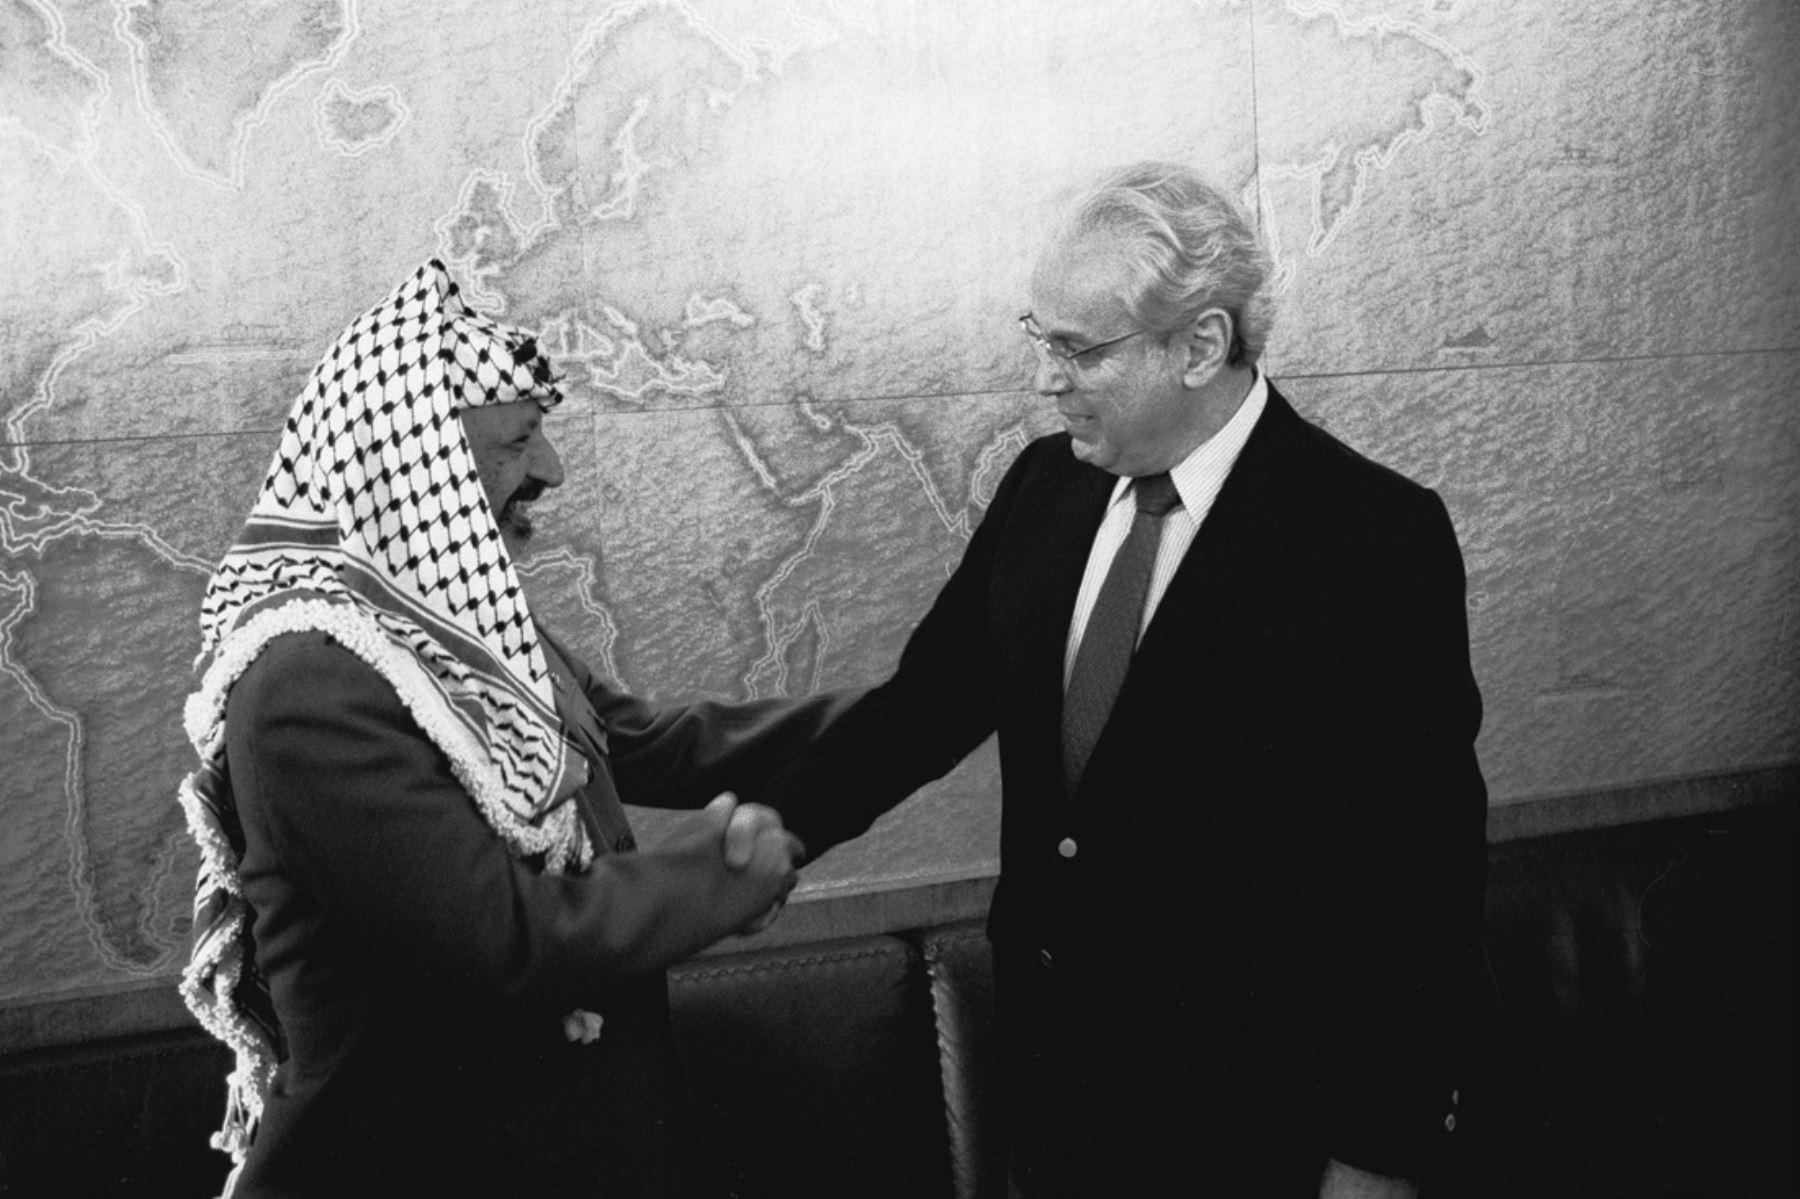 Ginebra, Suiza - 27  junio 1988 / Javier Pérez de Cuéllar, secretario general de las Naciones Unidas, se reúne en Ginebra con Yasser Arafat, presidente de la Autoridad Palestina y líder de la Organización para la Liberación de Palestina. Foto: Naciones Unidas